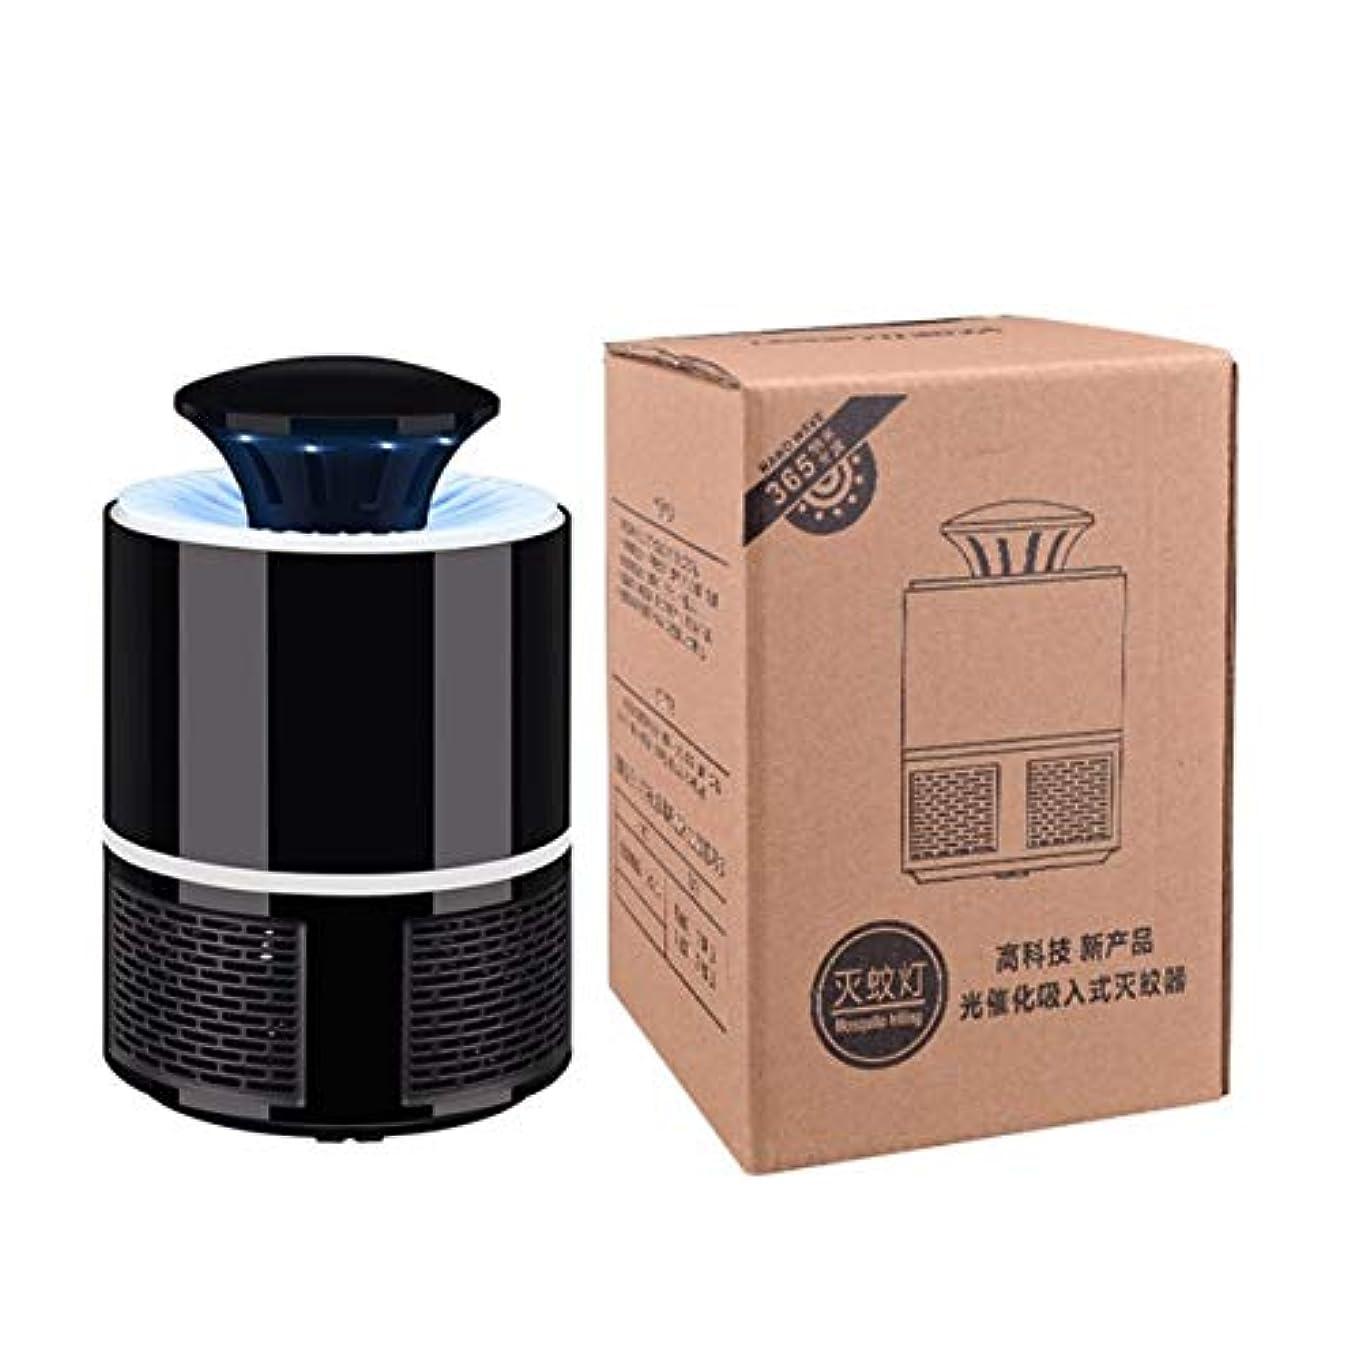 銀表向き気晴らしSaikogoods USB無放射電子モスキートキラーライトランプ家庭の使用は USBモスキートトラップバグ昆虫ザッパーLEDライト 黒